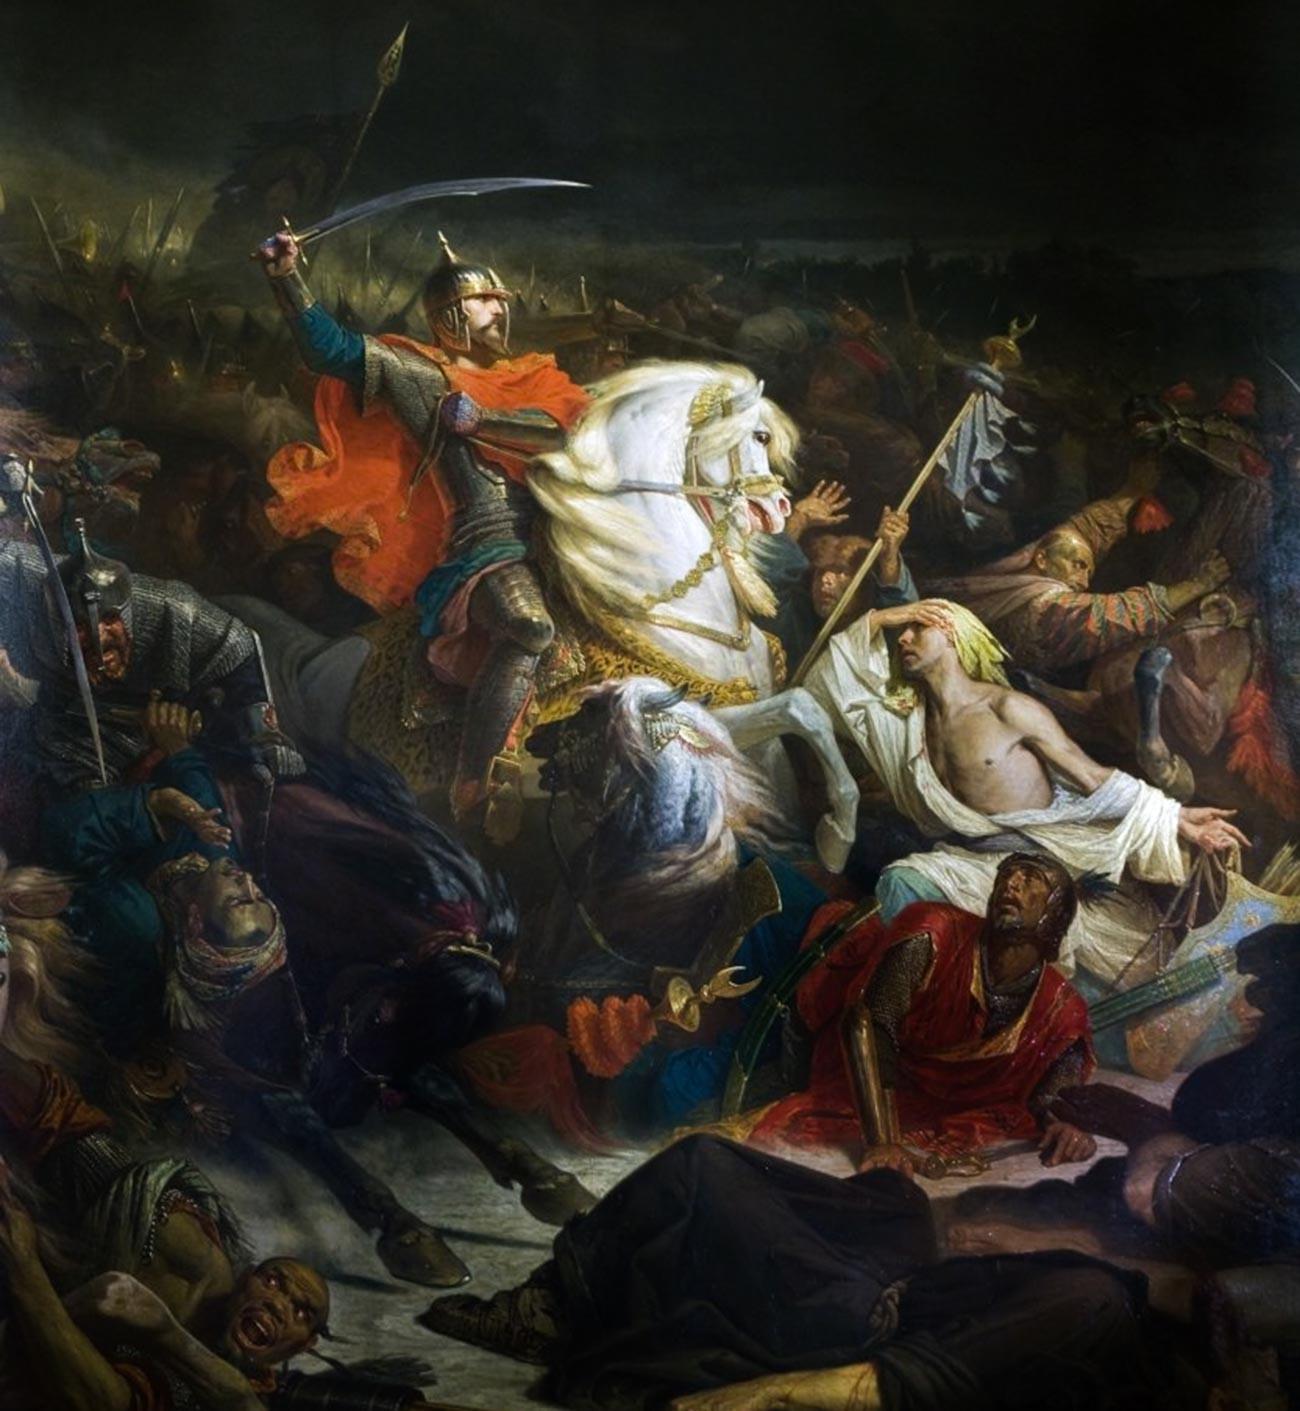 Dmítri Donskoi na Batalha de Kulikovo